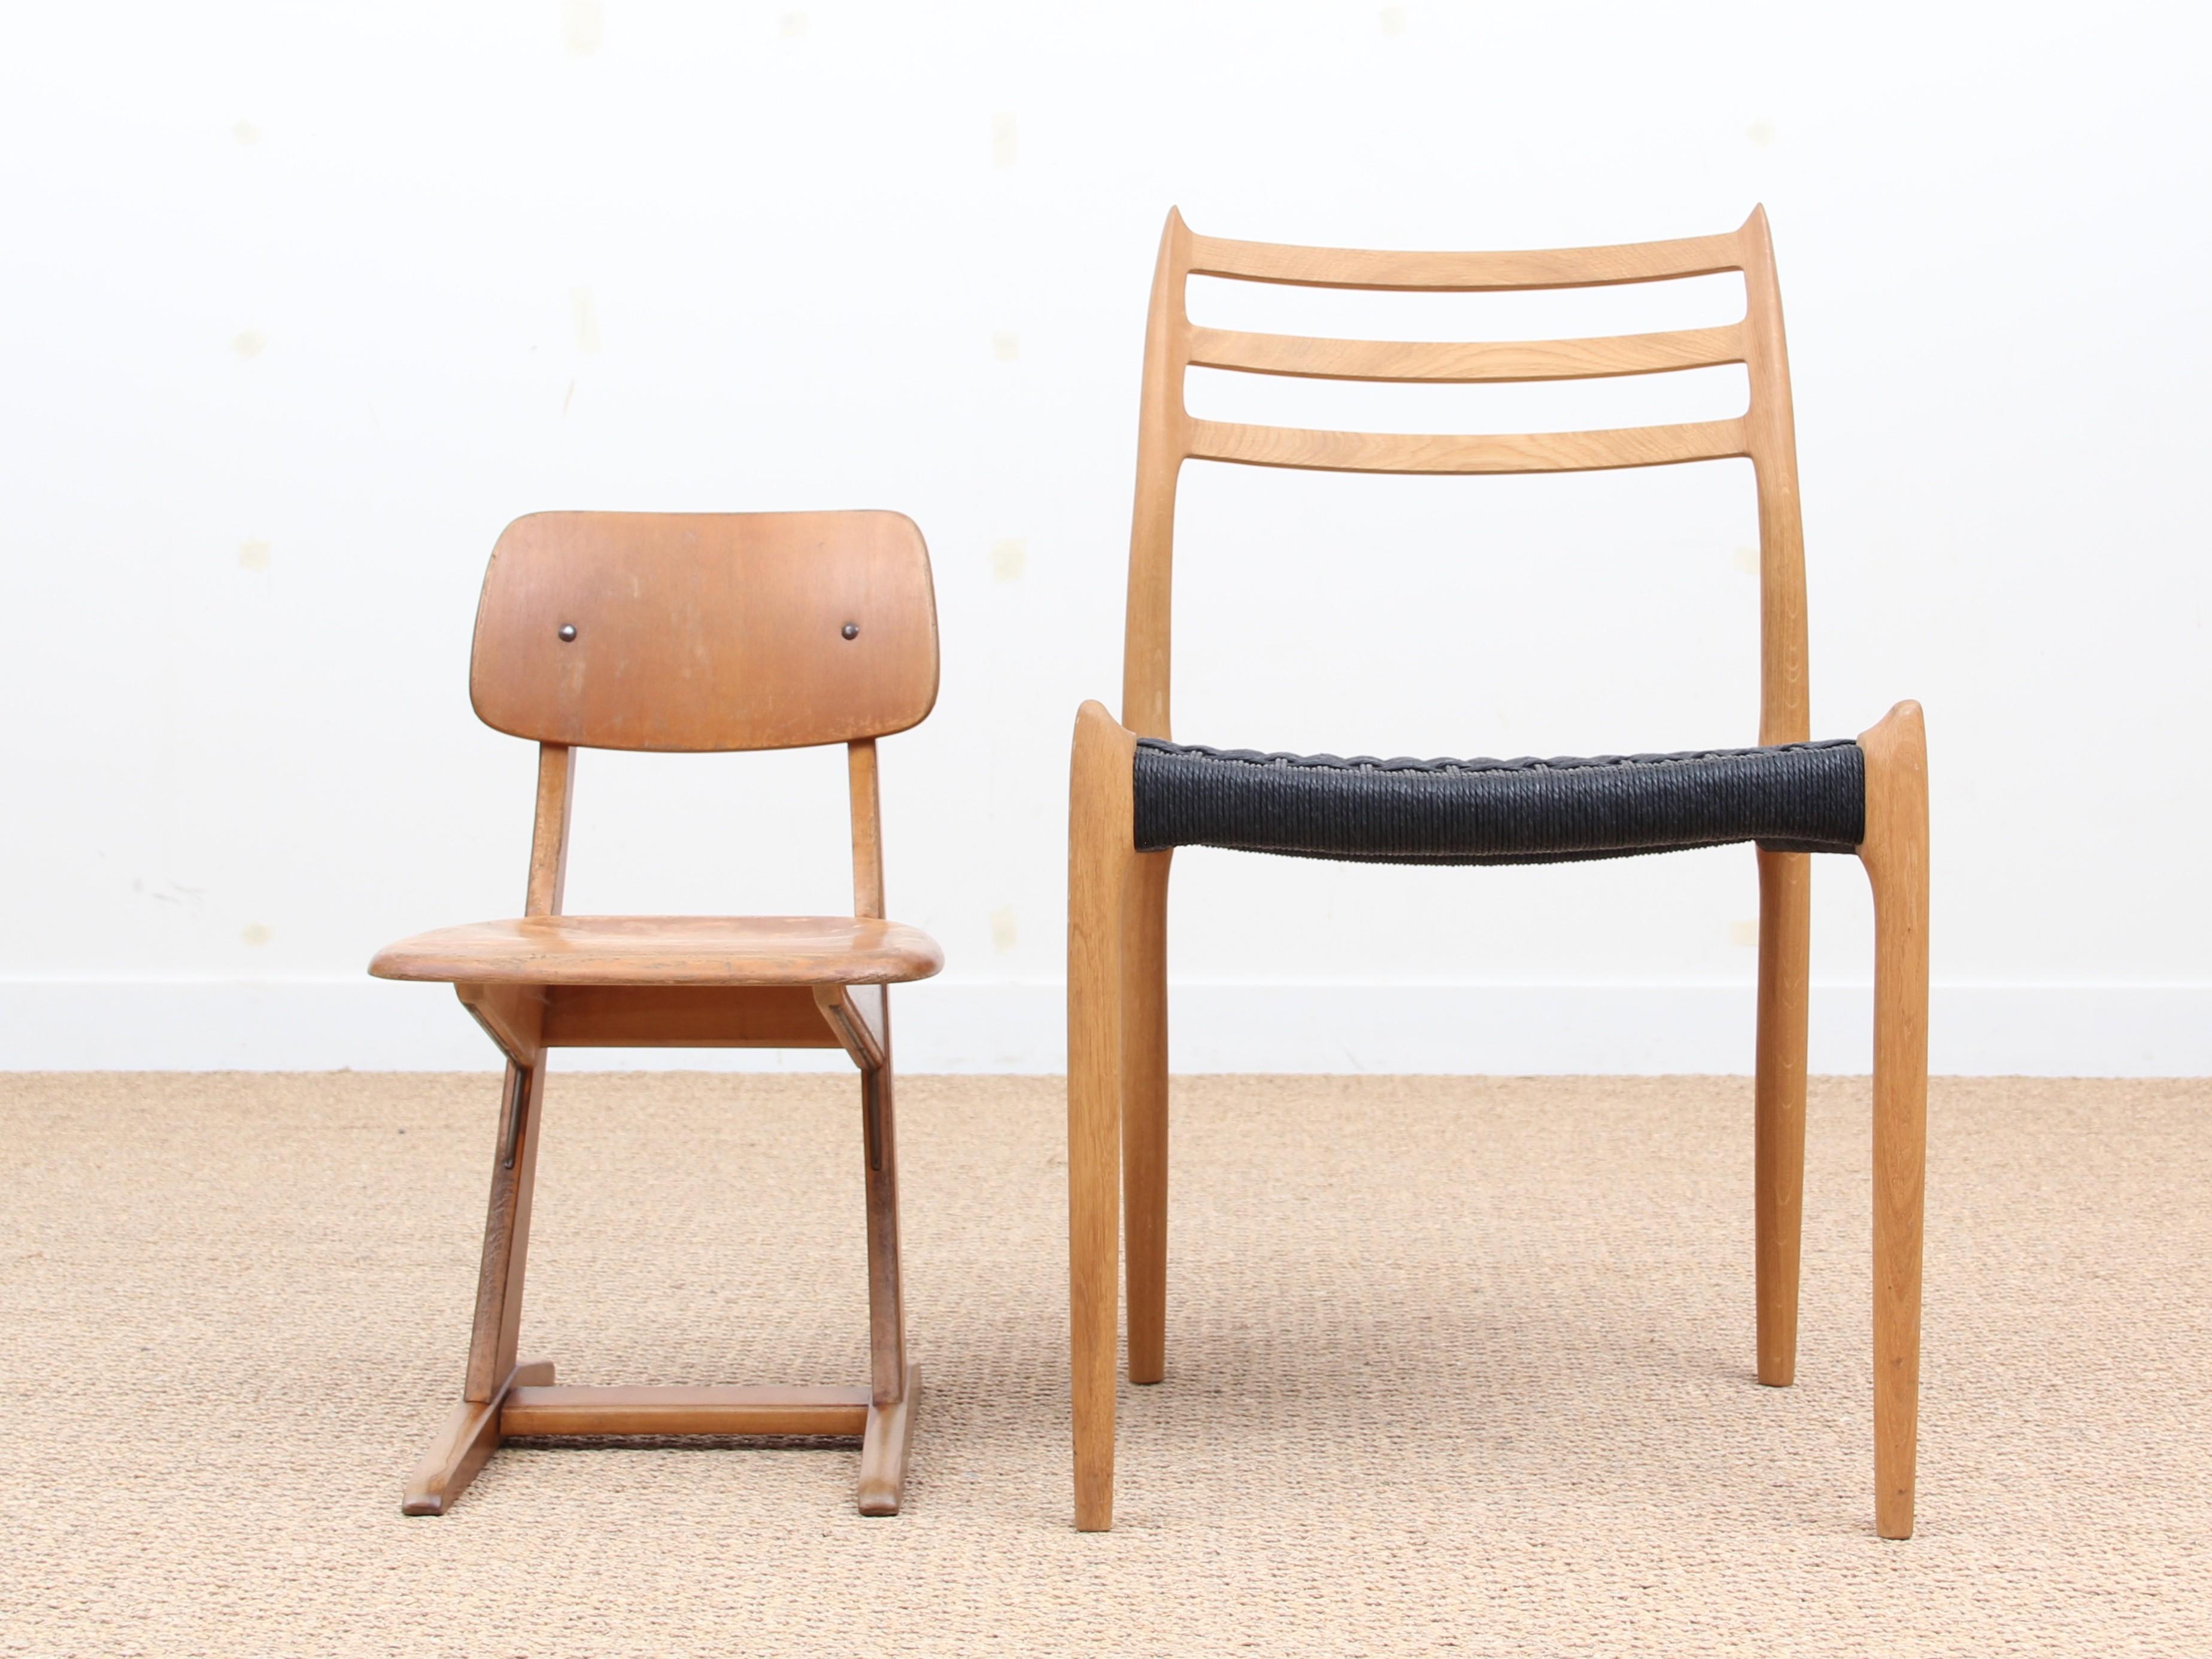 School chair made of beech 1960s Design Market